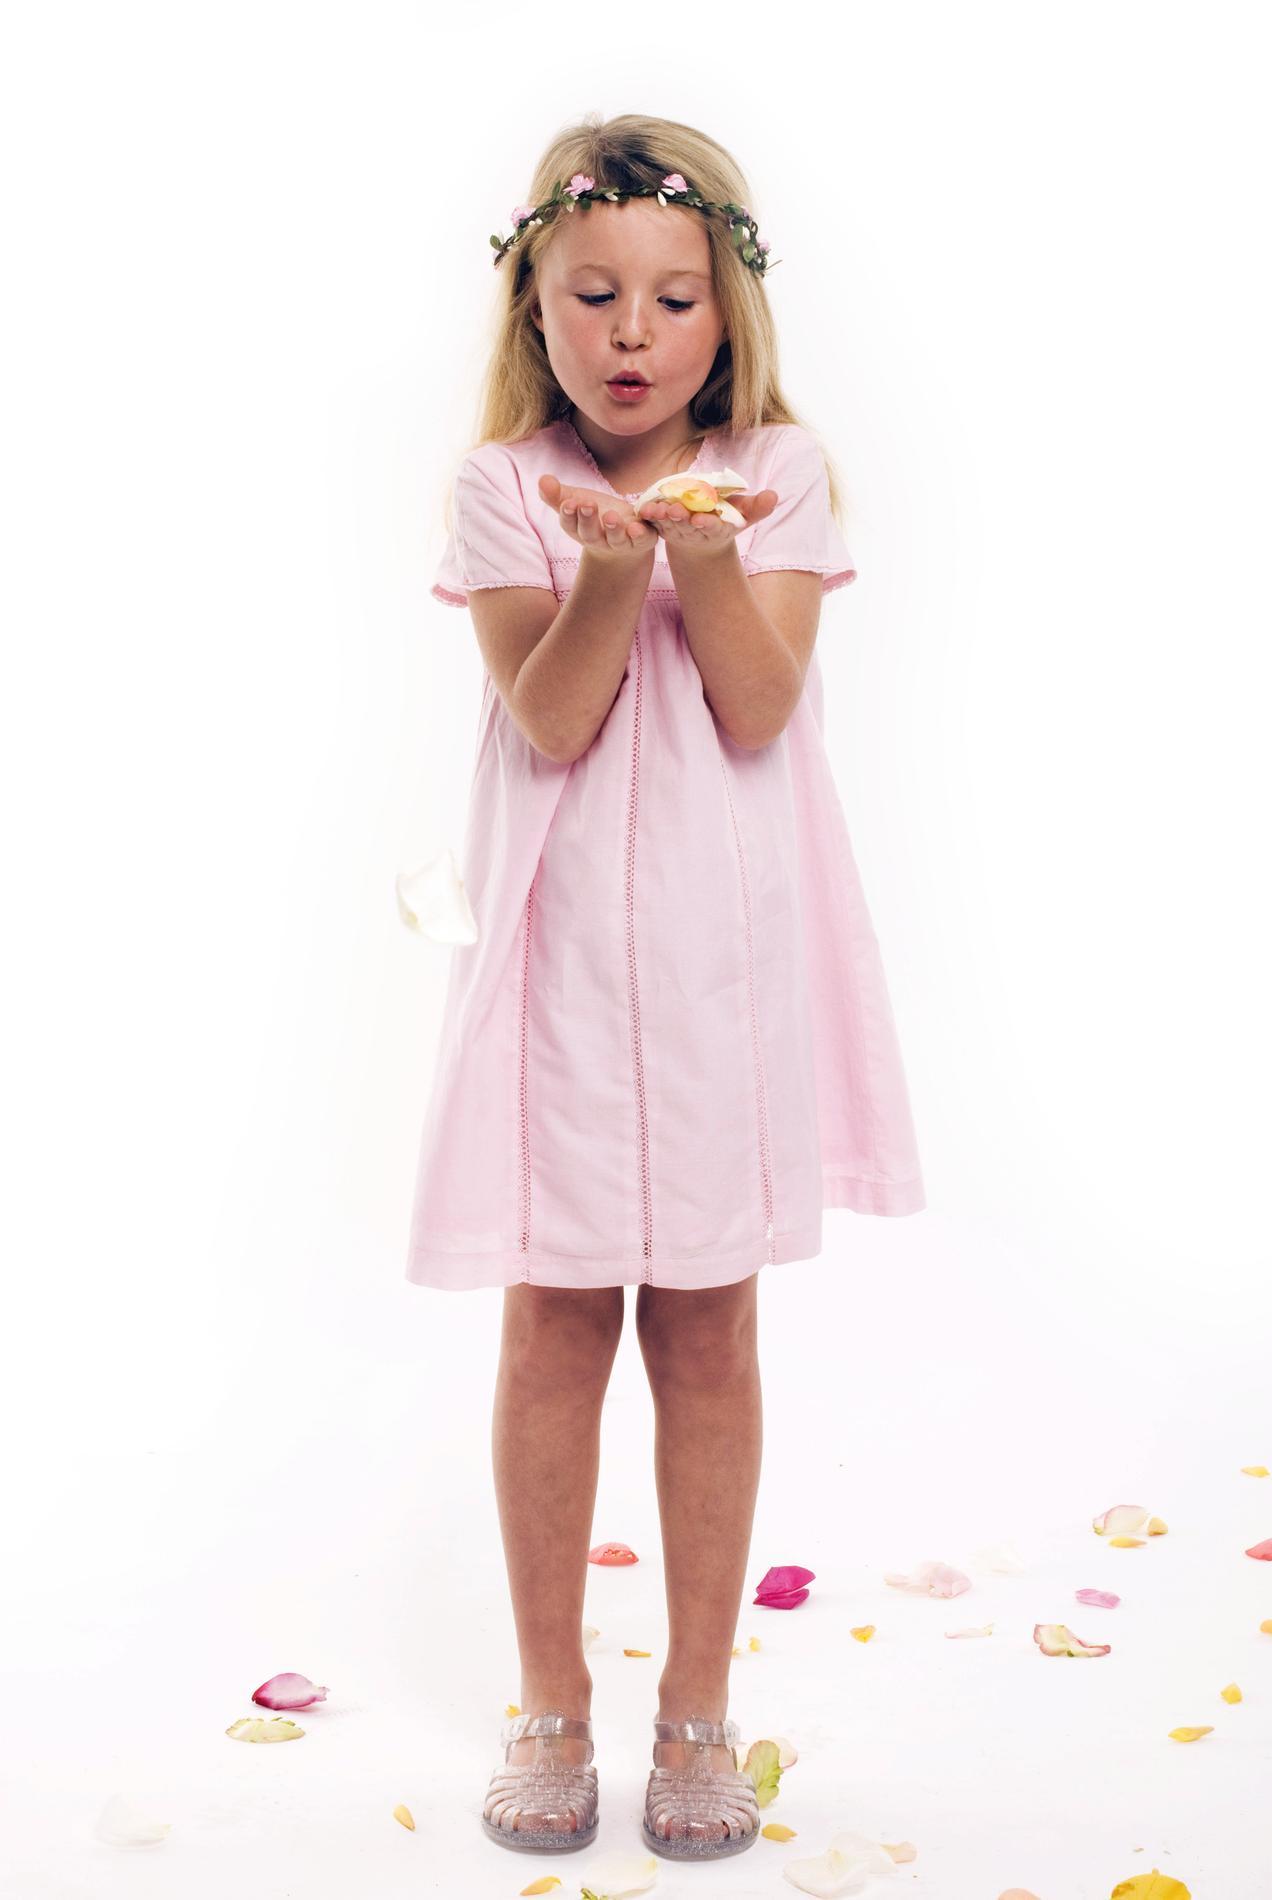 7e4d417f51788 ... Mariage   nos idées de tenues enfants pour un joli cortège - Les petits  choux de Bruxelles Mariage   nos idées de tenues enfants pour un joli  cortège ...